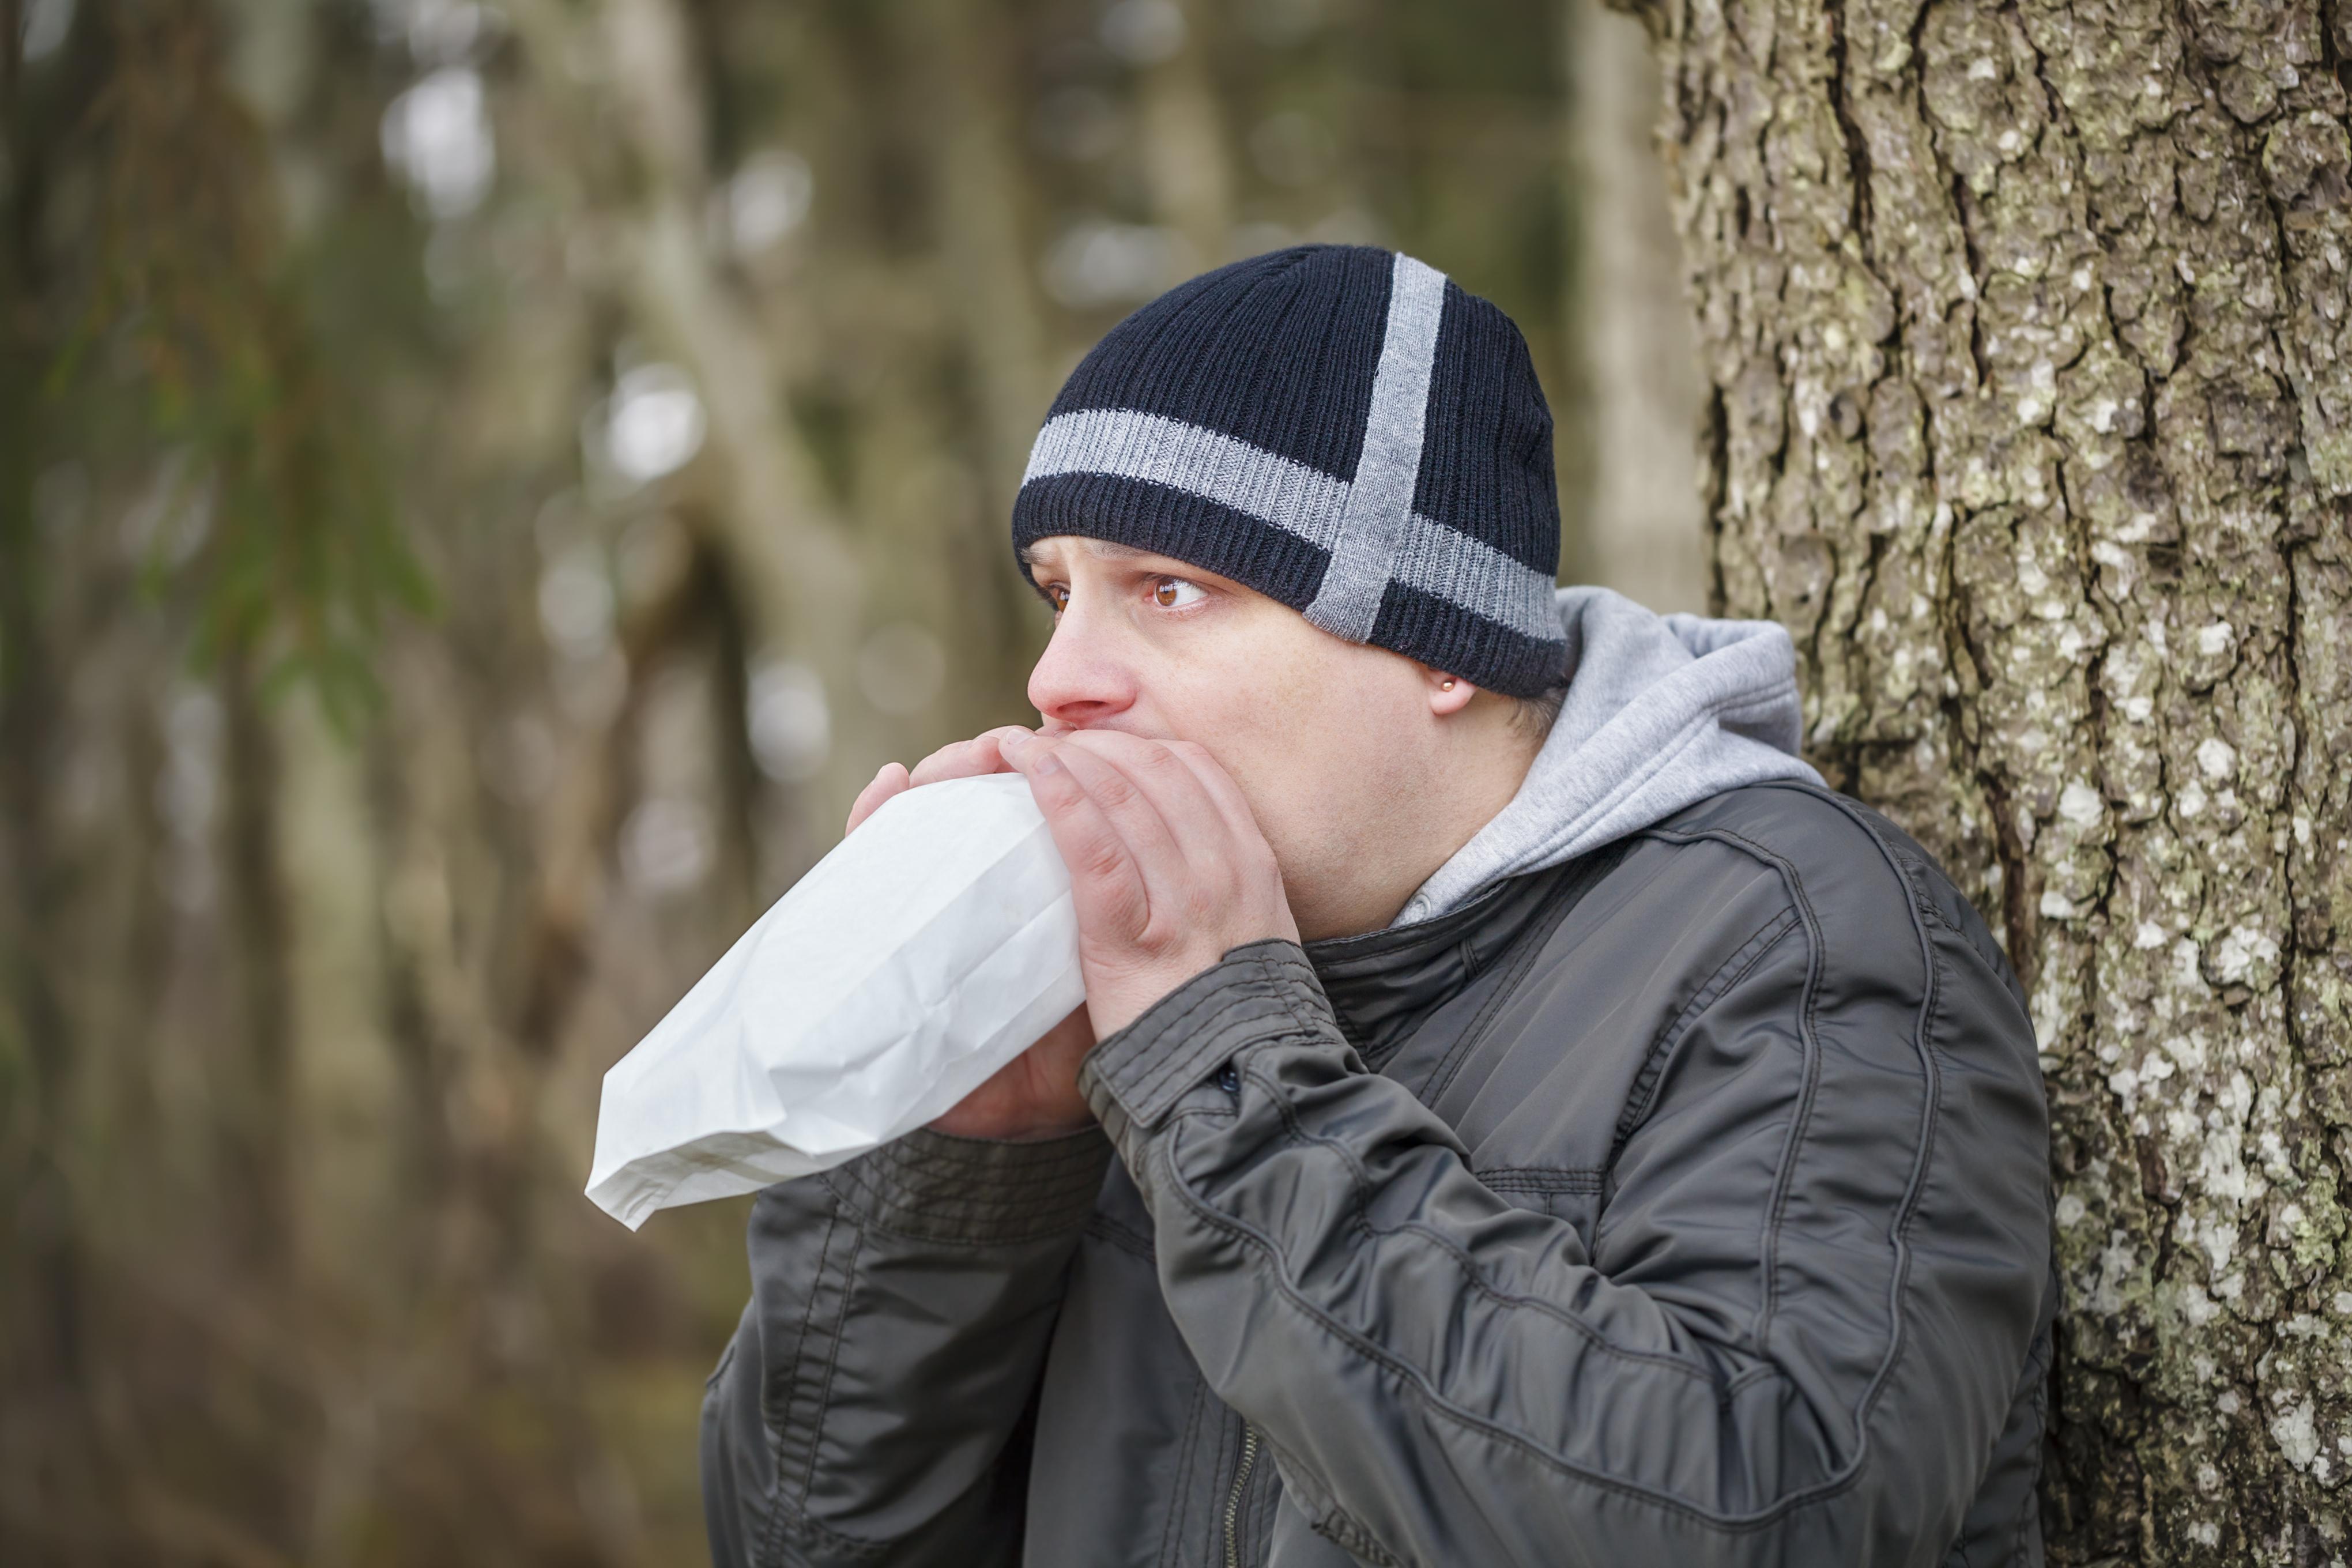 Det kan ibland hjälpa att andas i en papperspåse när man hyperventilerar.